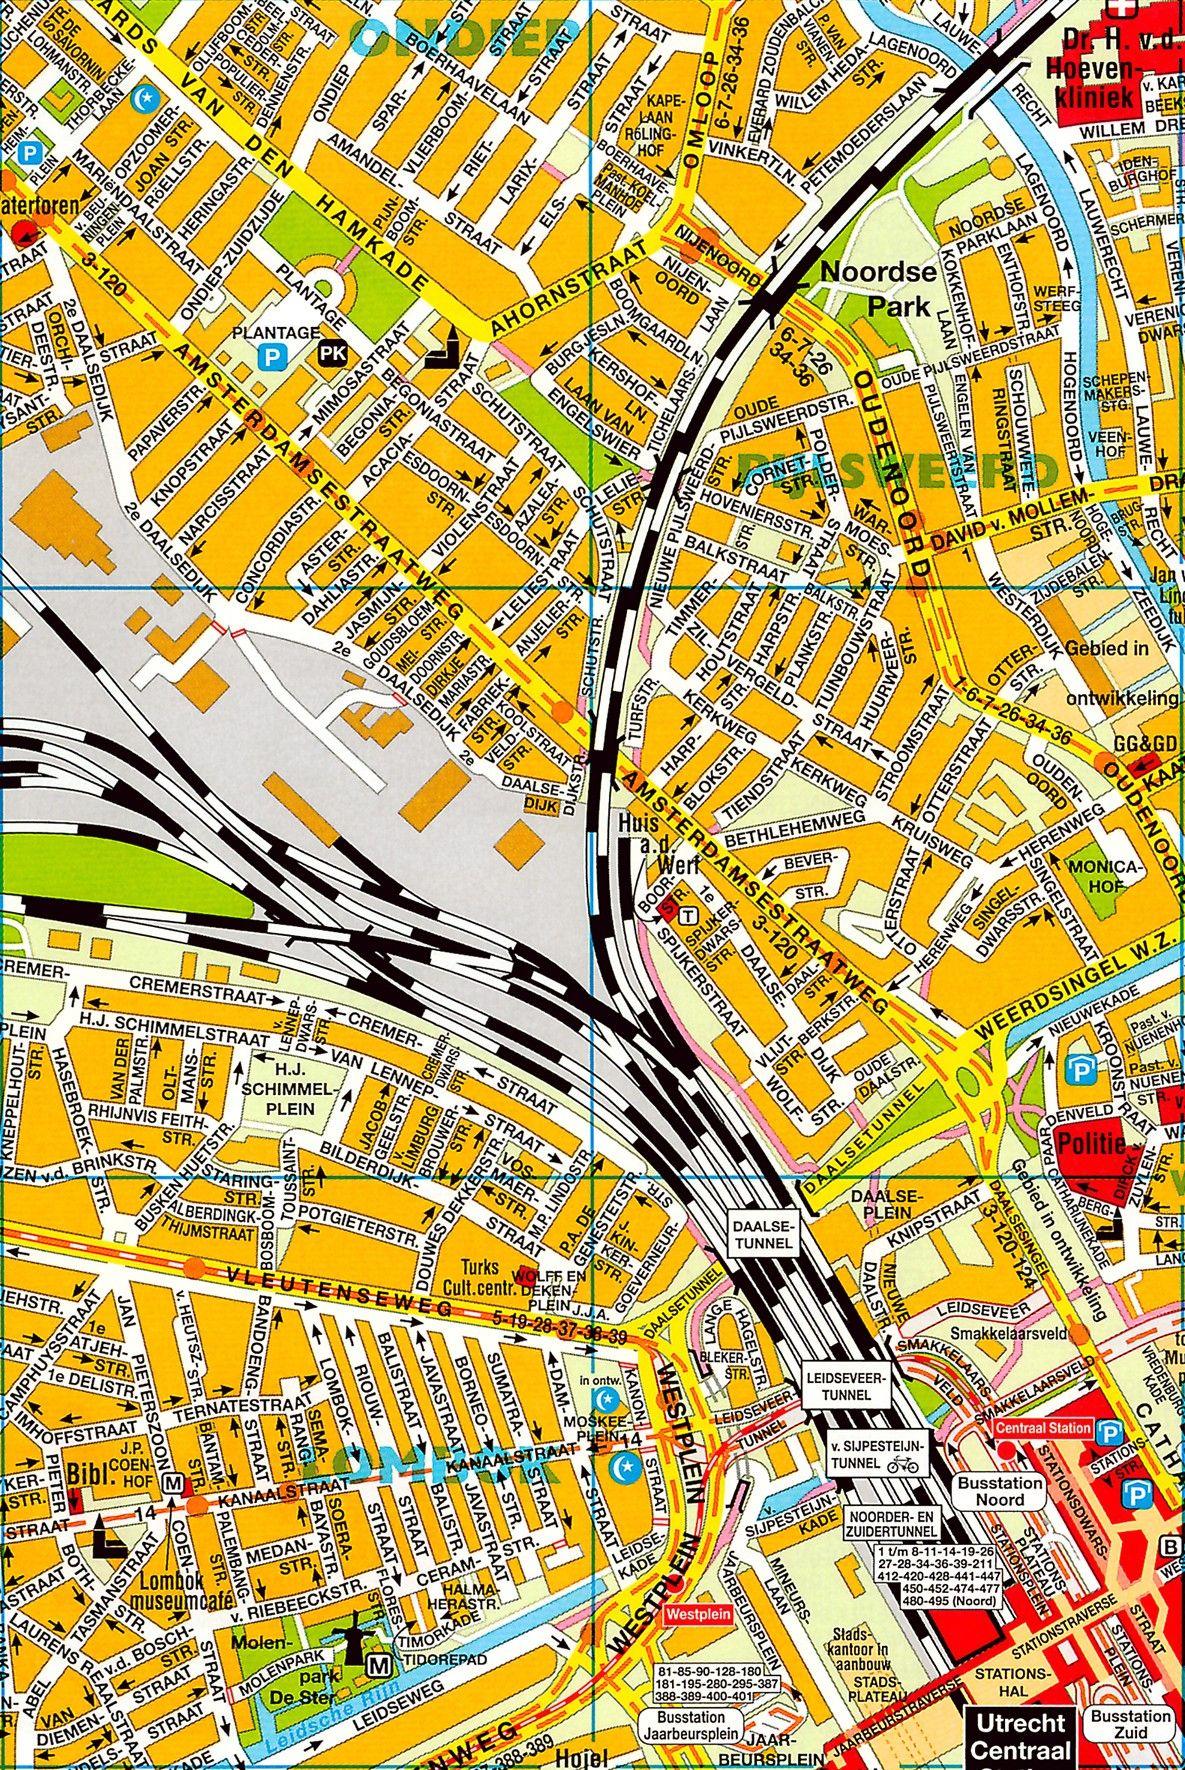 Stadsplattegrond Utrecht 1:12.500